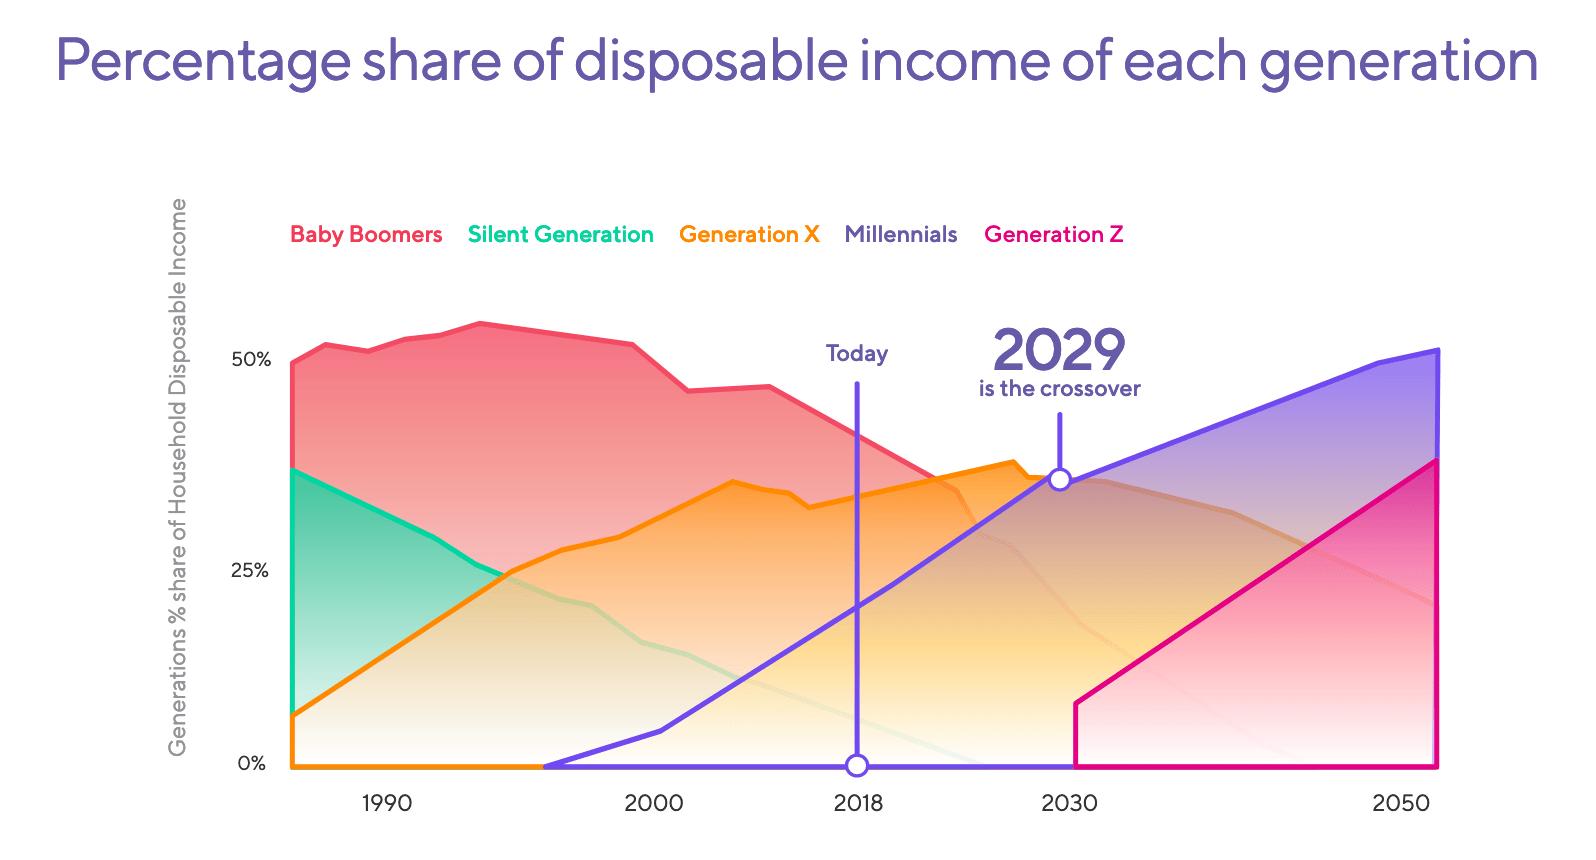 Процентная доля располагаемого дохода каждого поколения